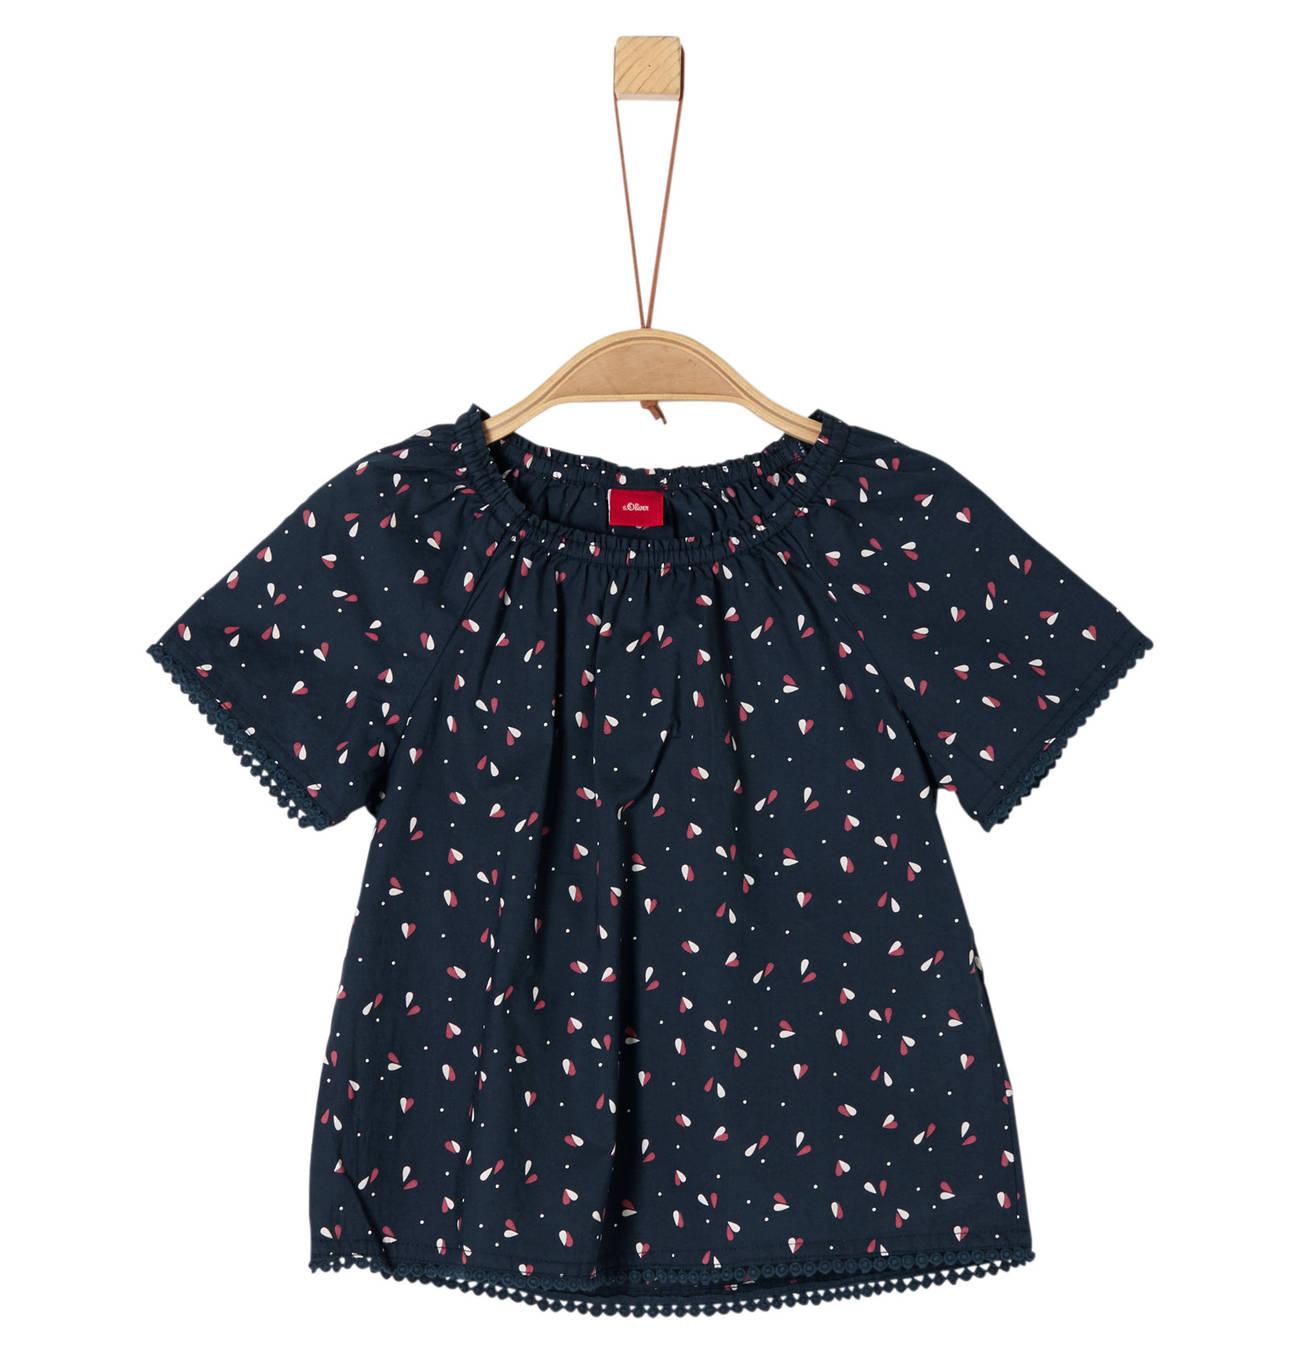 Baumwolle mit Blumen Muster Kleider Röcke Blusen,